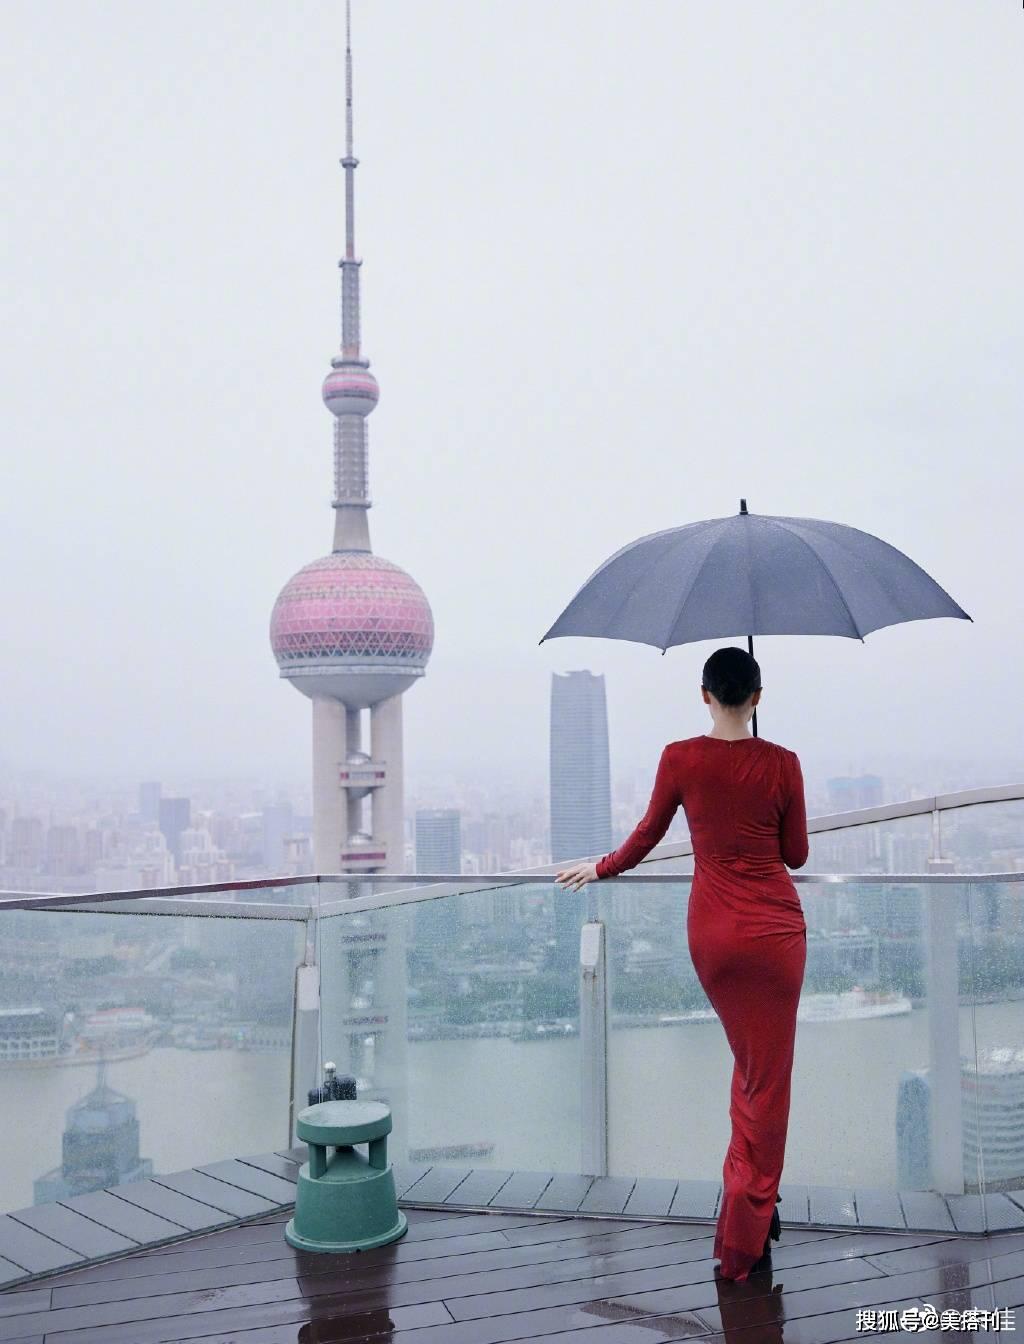 原创             40岁宋佳身材好火辣,红裙惊艳黑裙白裙,S曲线女明星里少见